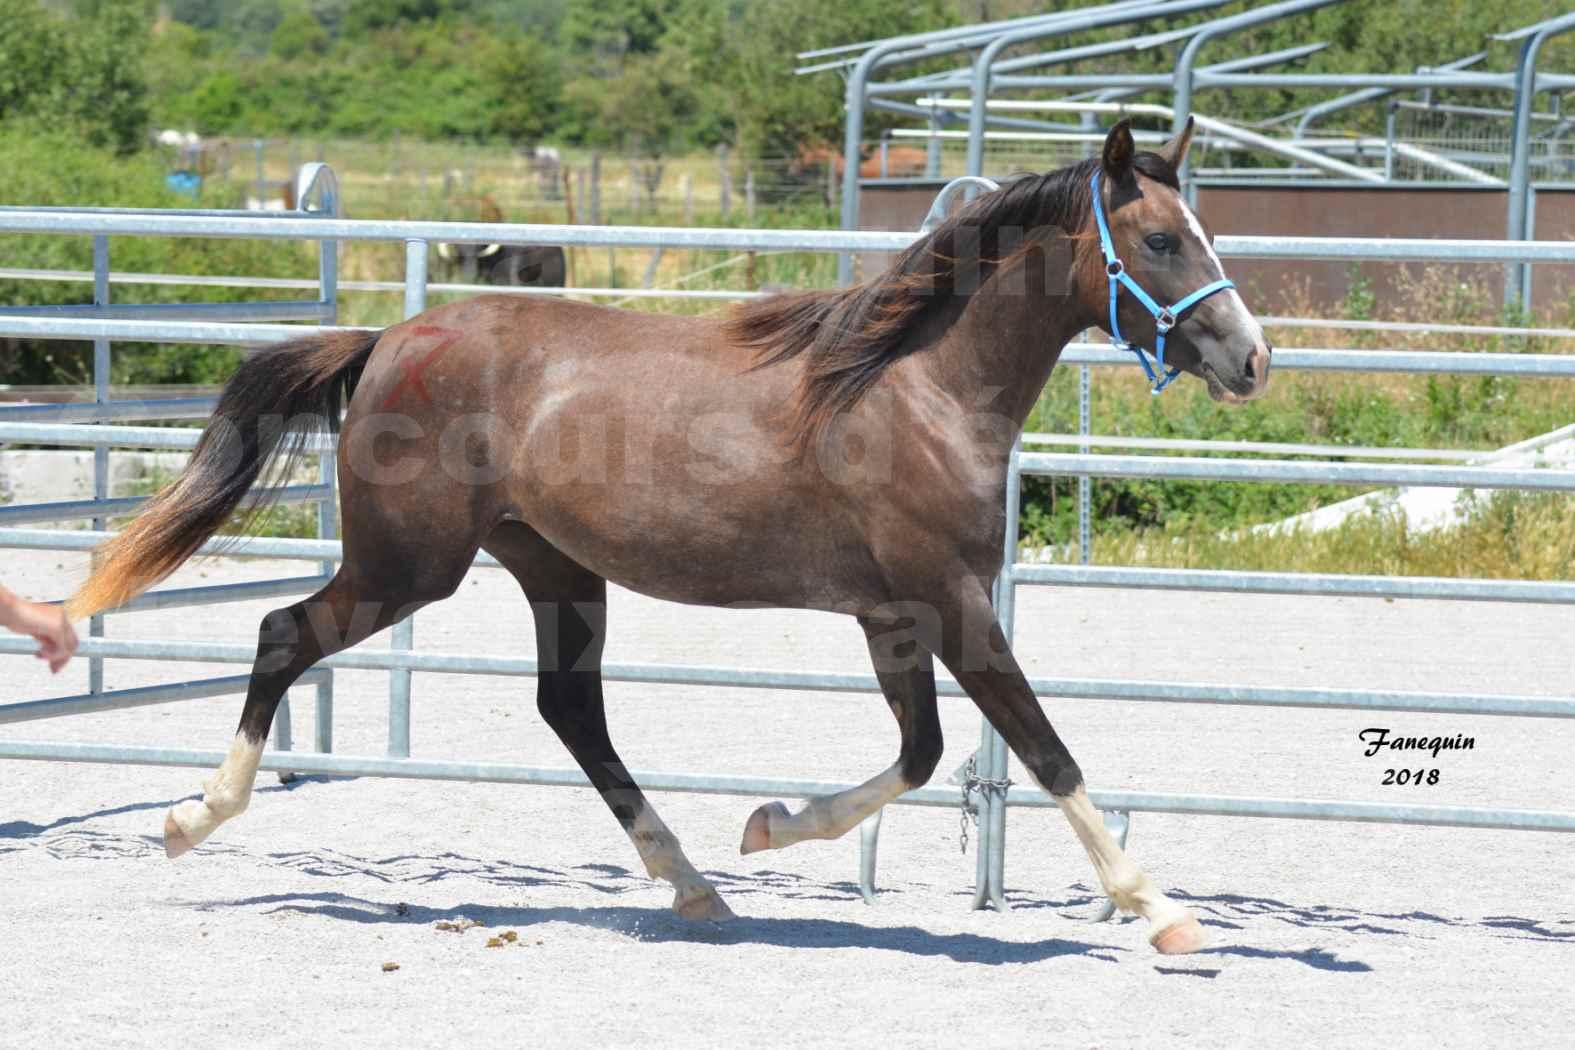 Concours d'Elevage de chevaux Arabes  le 27 juin 2018 à la BOISSIERE - GALICIA D'ALAUZE - 1